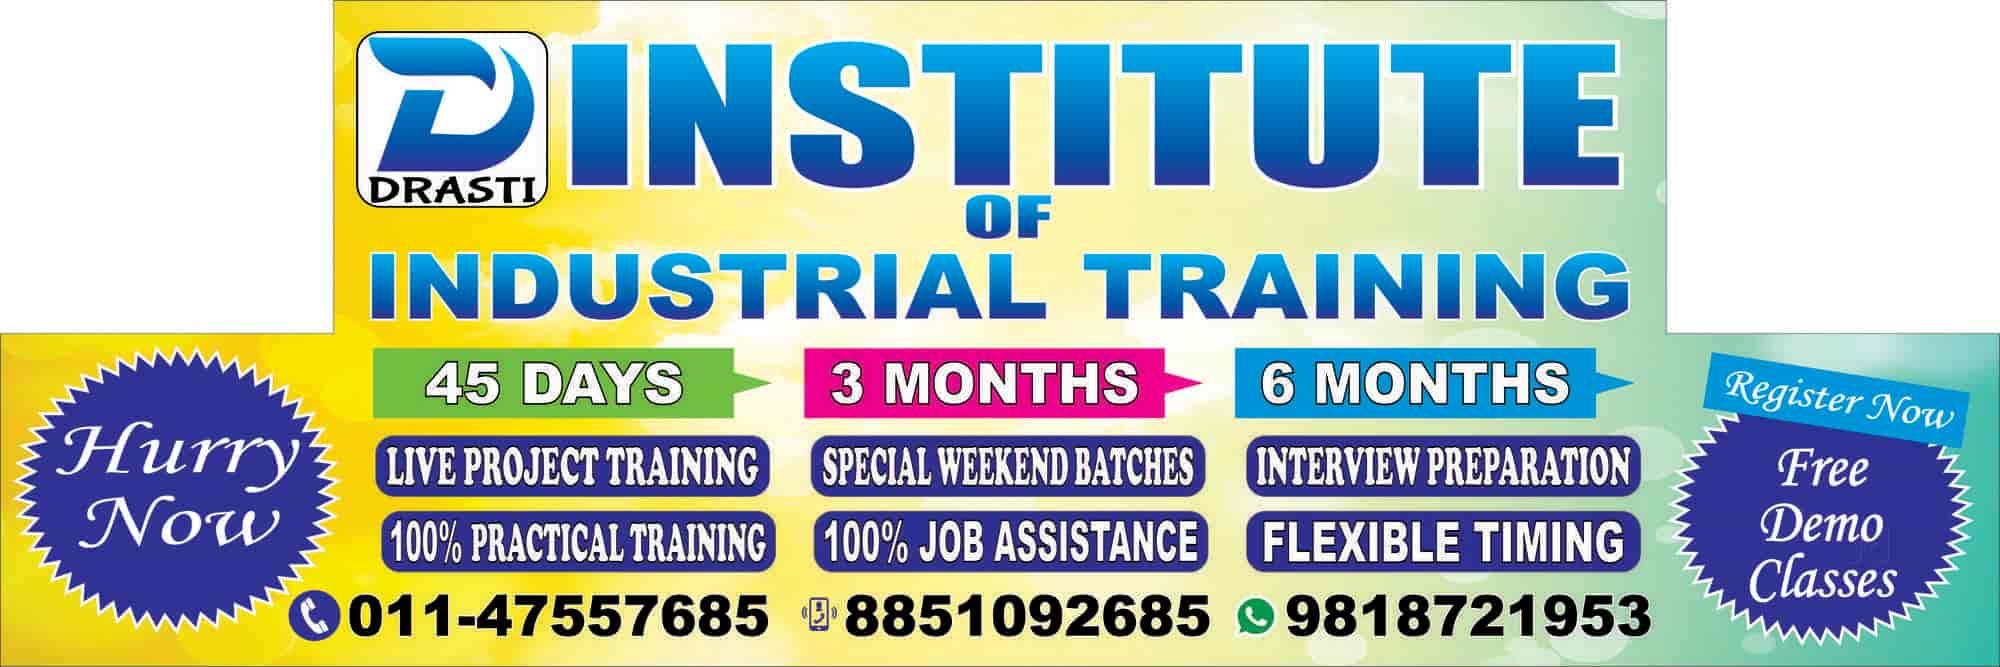 DRASTI INSTITUTE Photos, Vikaspuri, Delhi- Pictures & Images